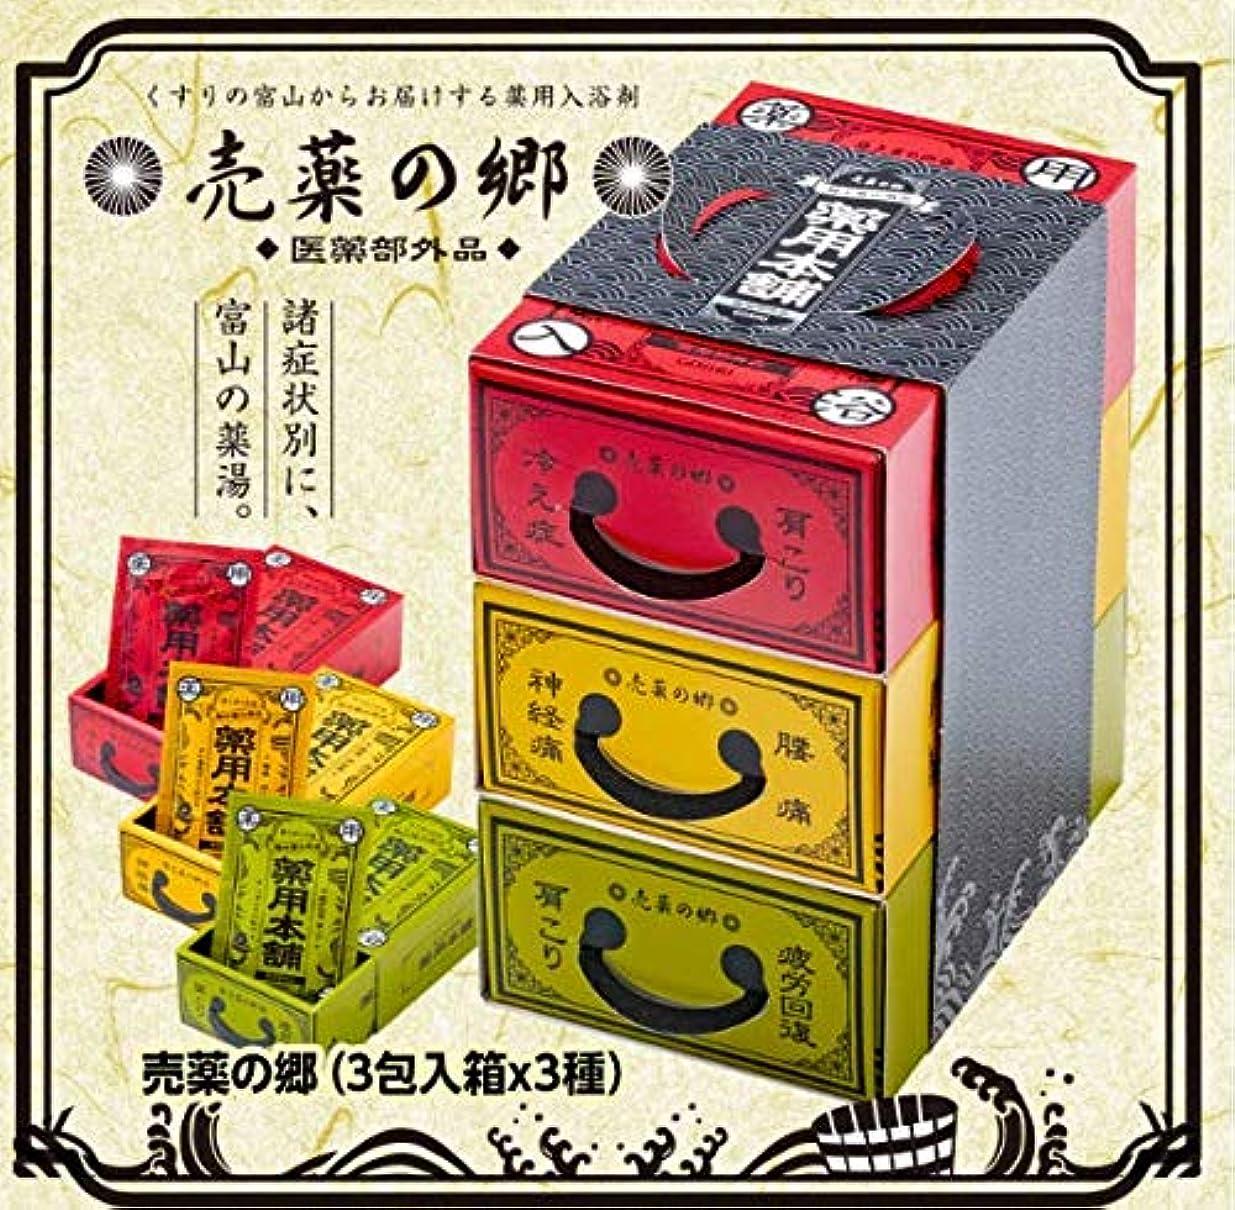 映画増加する単語薬の富山の薬用入浴剤 売薬の郷 薬用本舗3箱セット 10セット